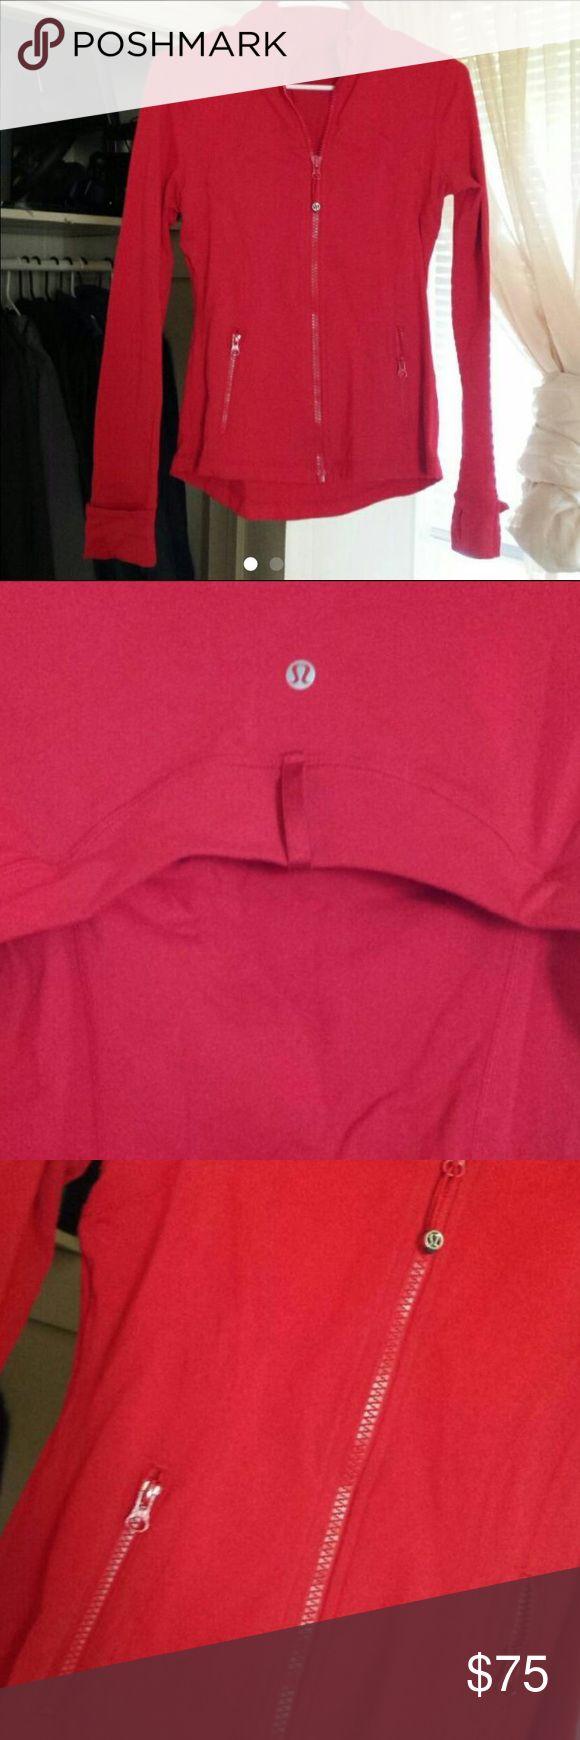 die besten 17 ideen zu define notice auf hausmittel lululemon size 8 define jacket in red lululemon define jacket in red excellent condition only has